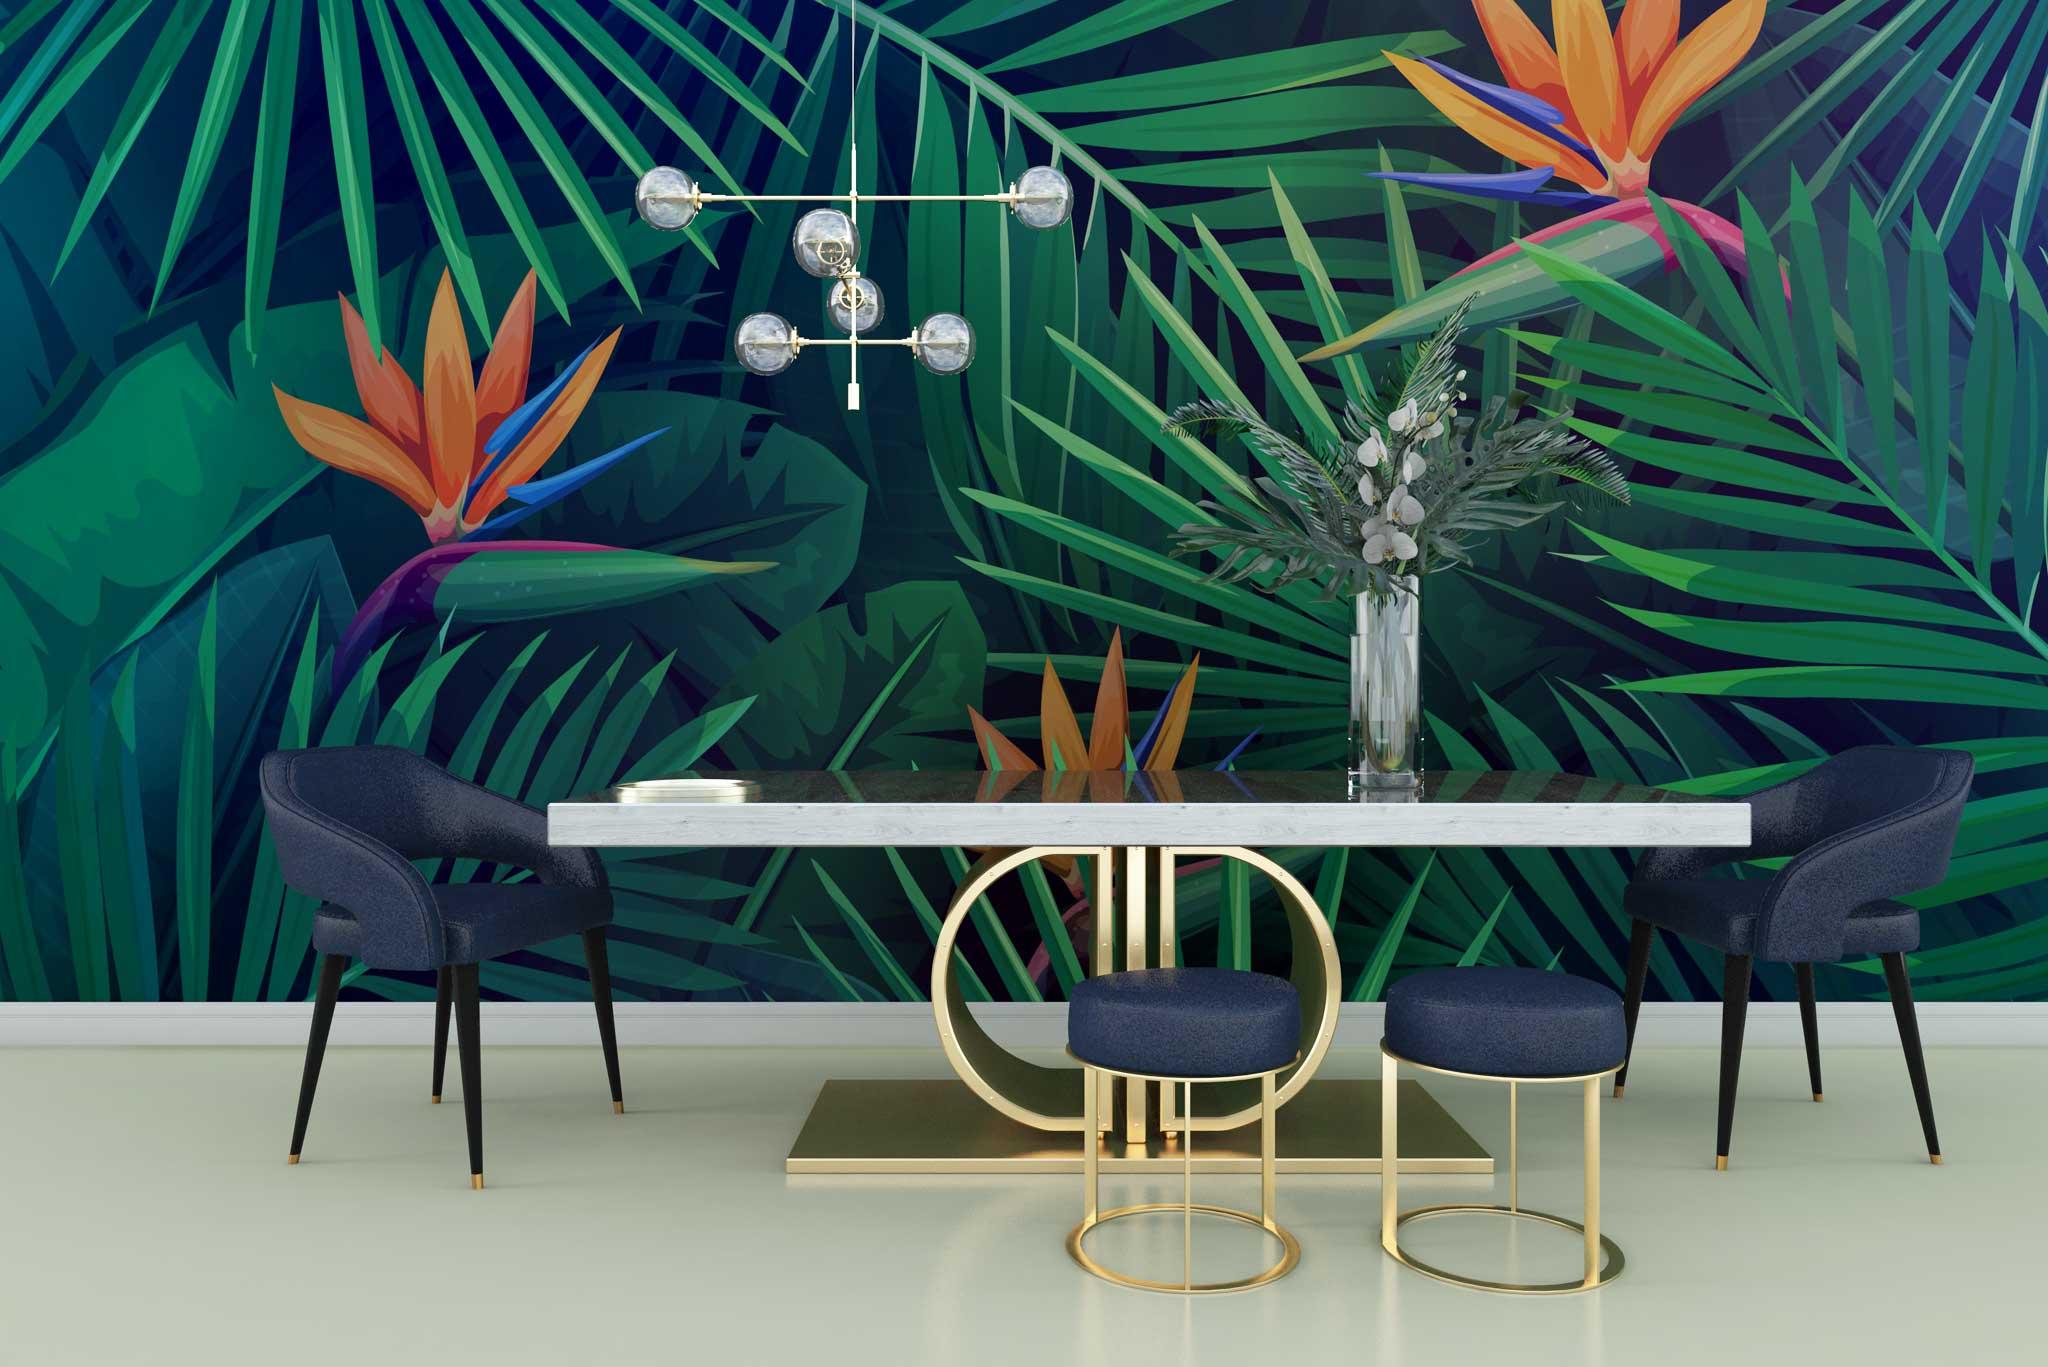 tapet-fototapet-personalizat-comanda-bucuresti-model-floral-frunze-exotice-floarea-pasiunii-perete-lux-special